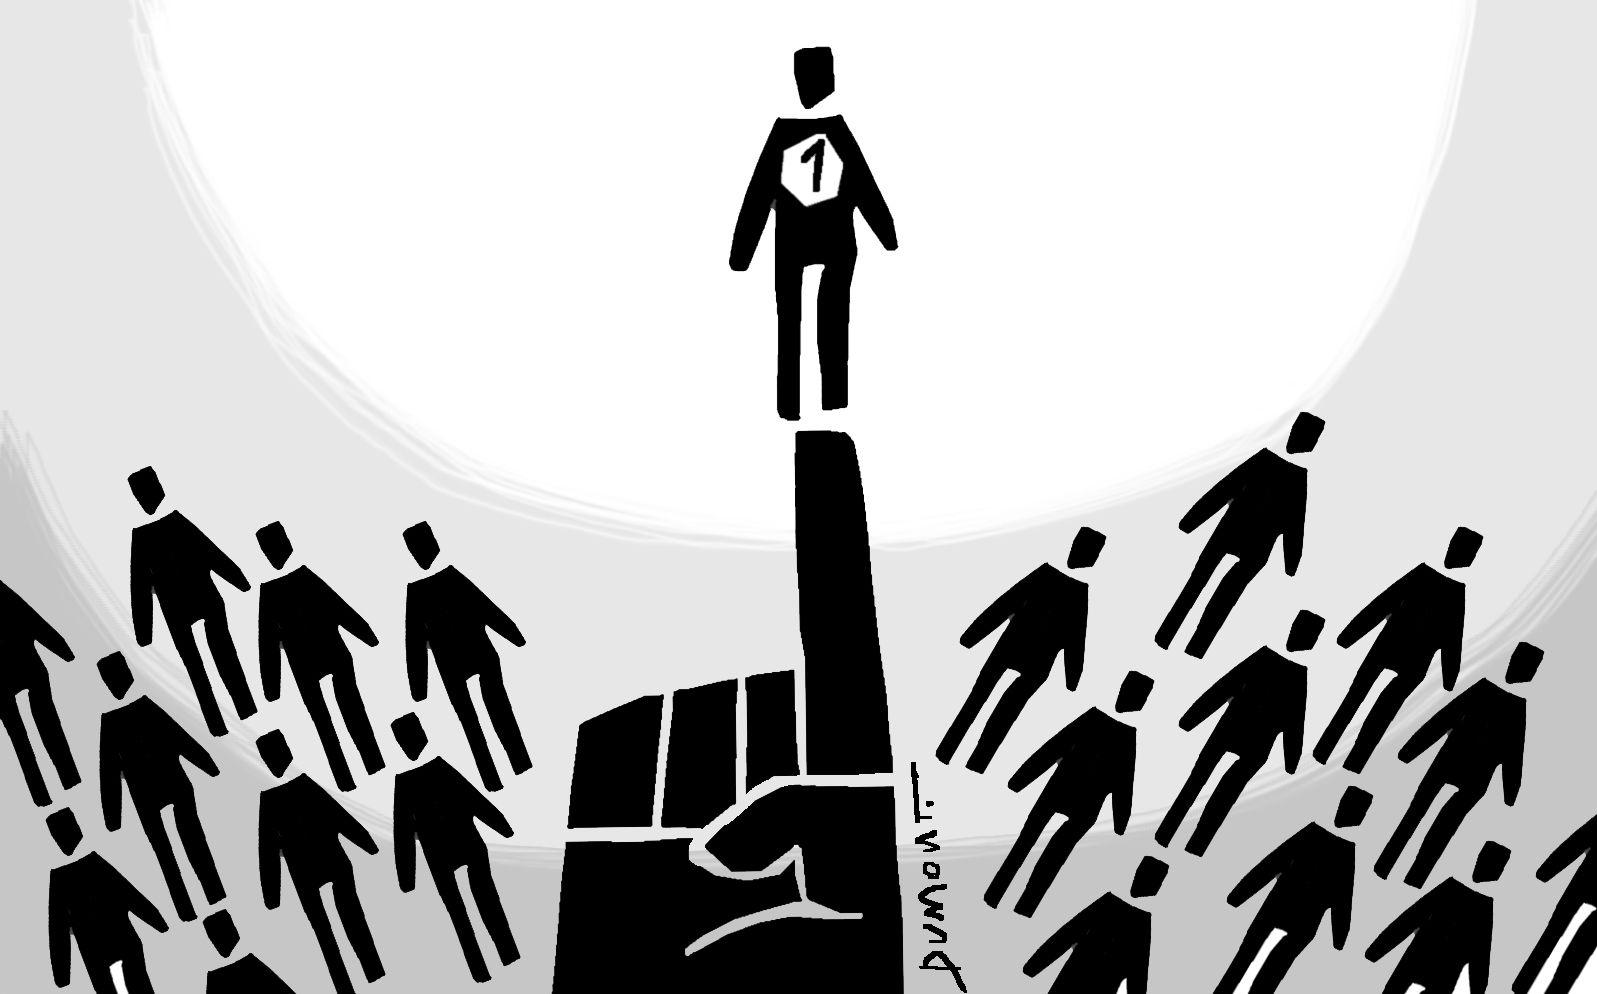 Quem representa a soberania? Uma visão histórica sobre contextos modernos